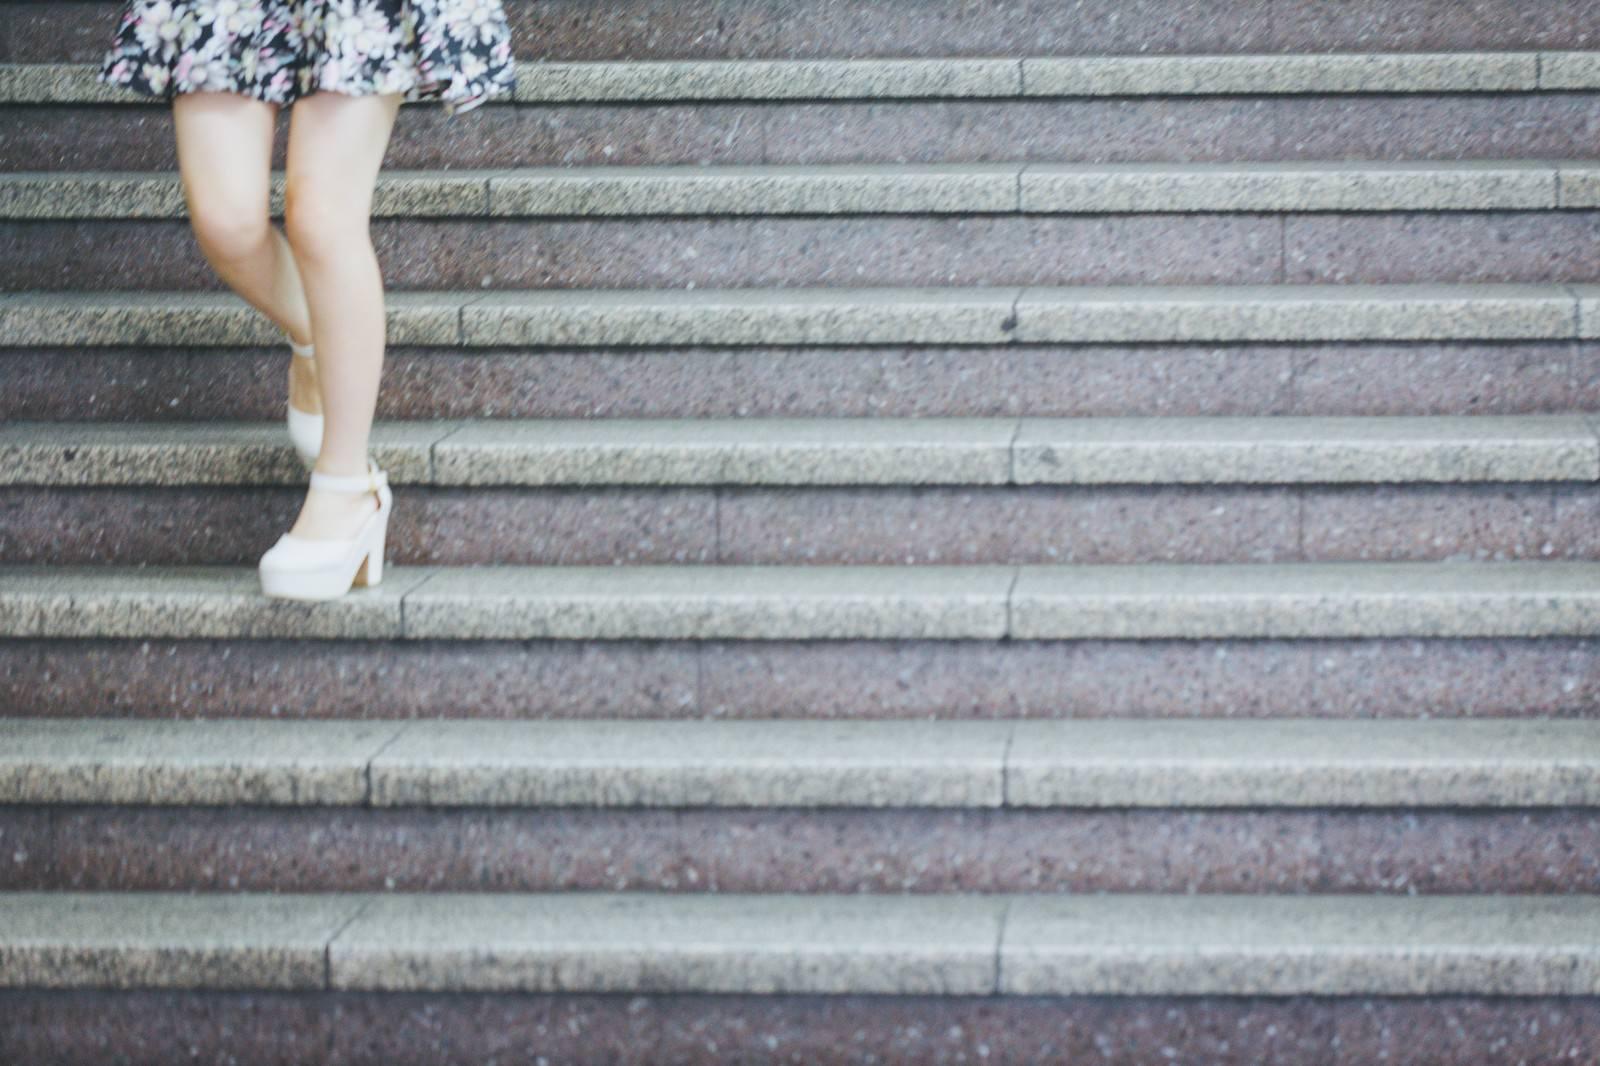 「階段を上る フリー画像」の画像検索結果